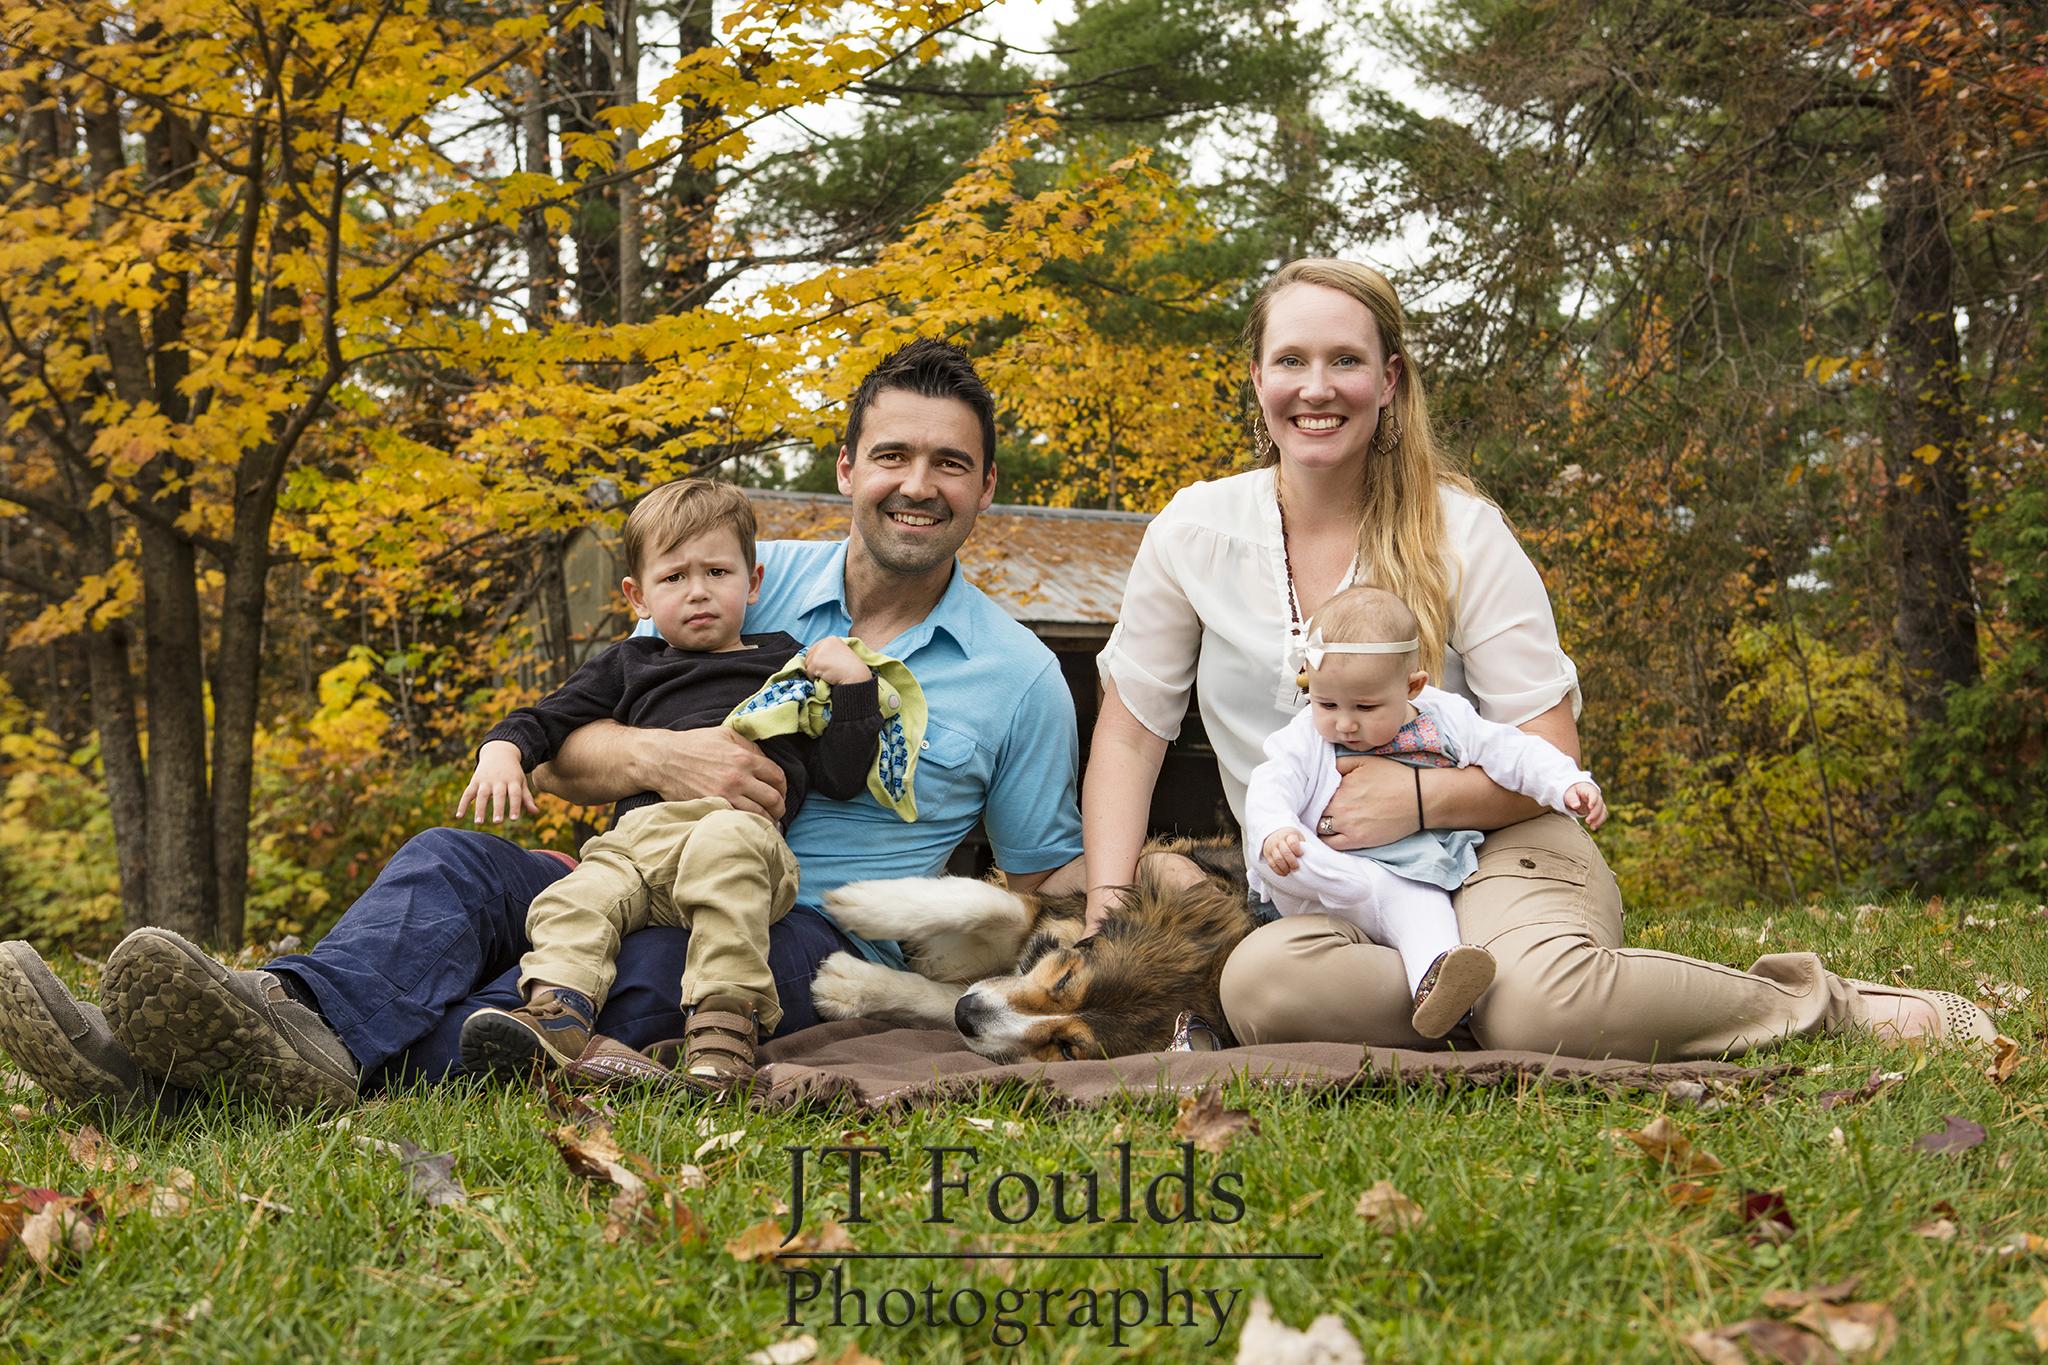 Amaral Family Shoot - 21 Oct '17 - 13.JPG